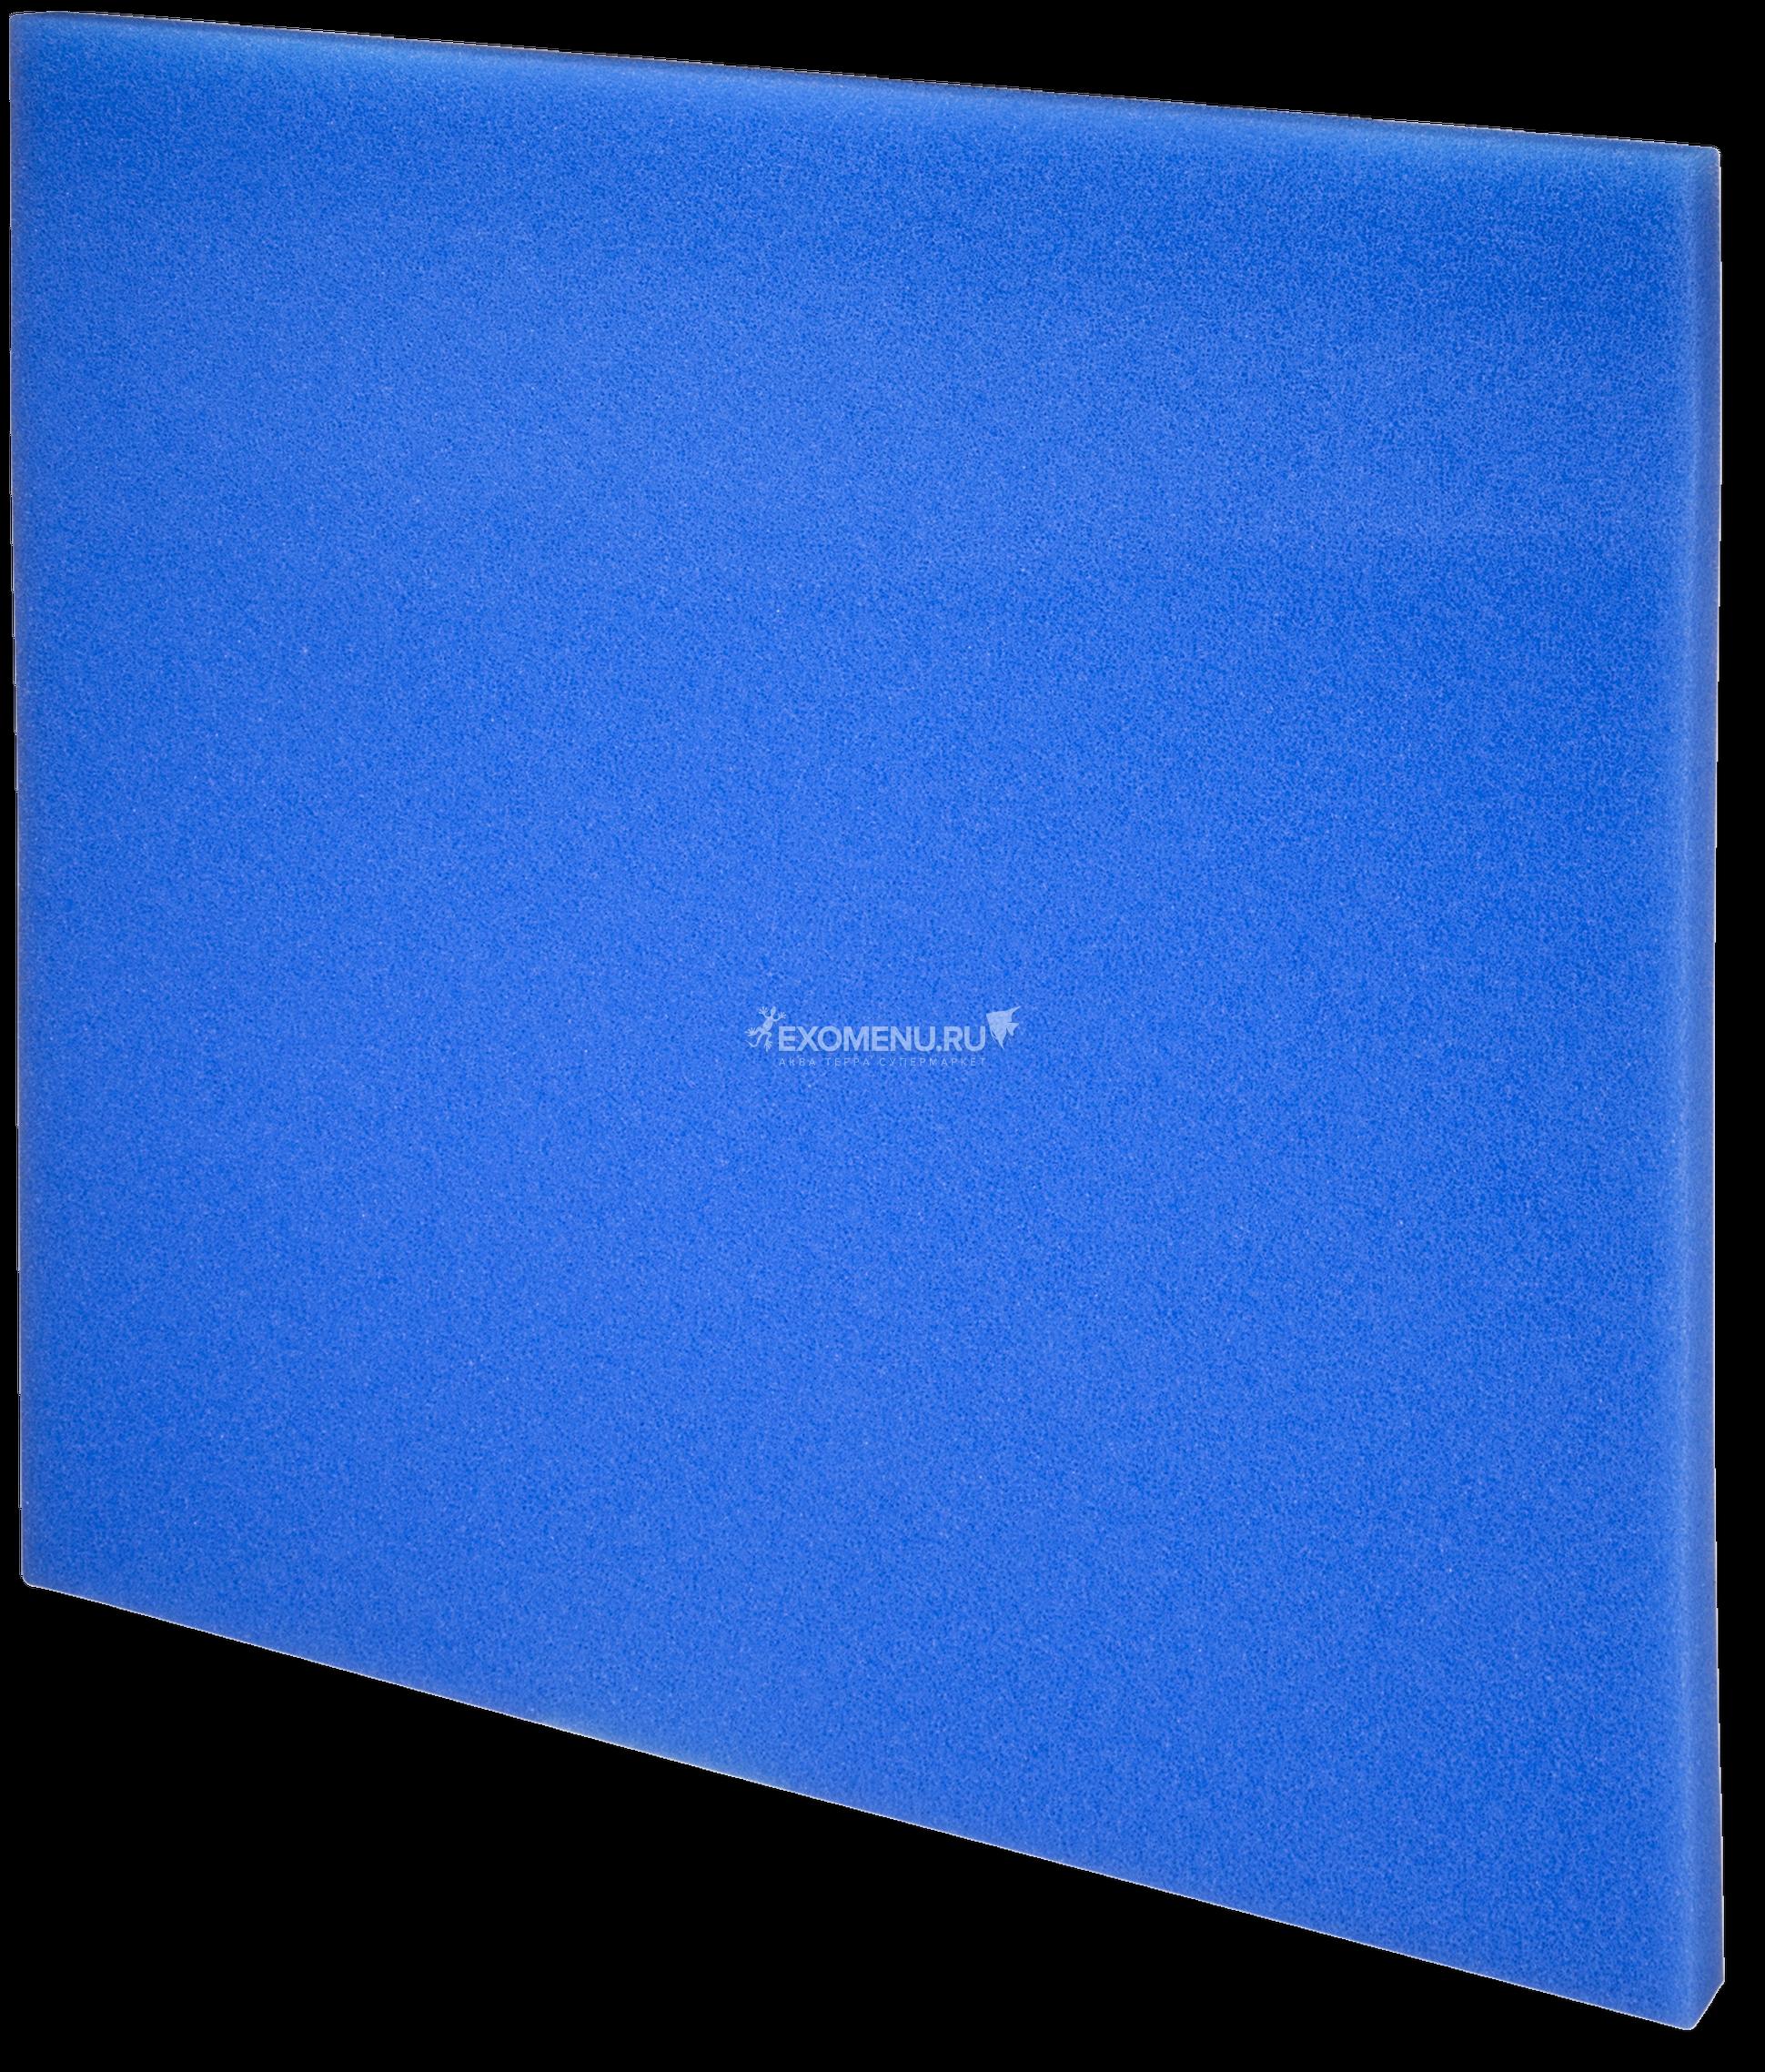 JBL Fine Filter Foam - Листовая губка тонкой фильтрации против любого помутнения воды, 50x50x5 см